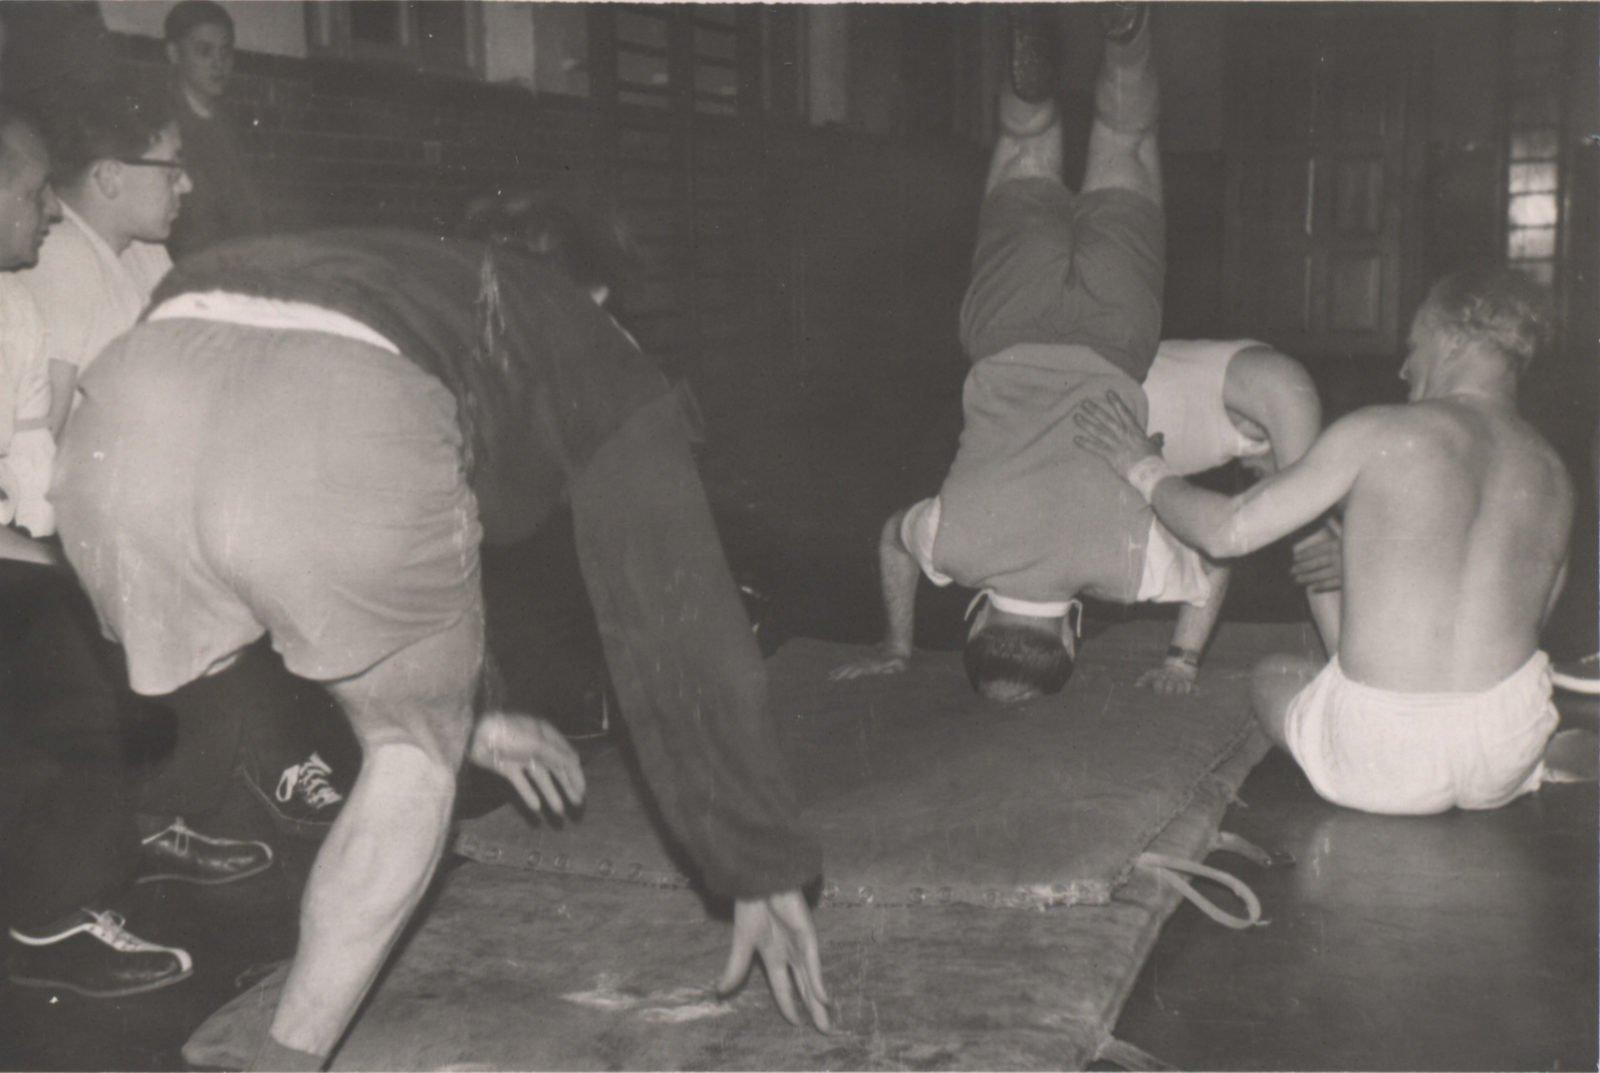 Ein altes Schwarz-Weiß-Bild aus den 60er Jahren. Es zeigt mehrere Männer, die auf Bodenmatten turnen.